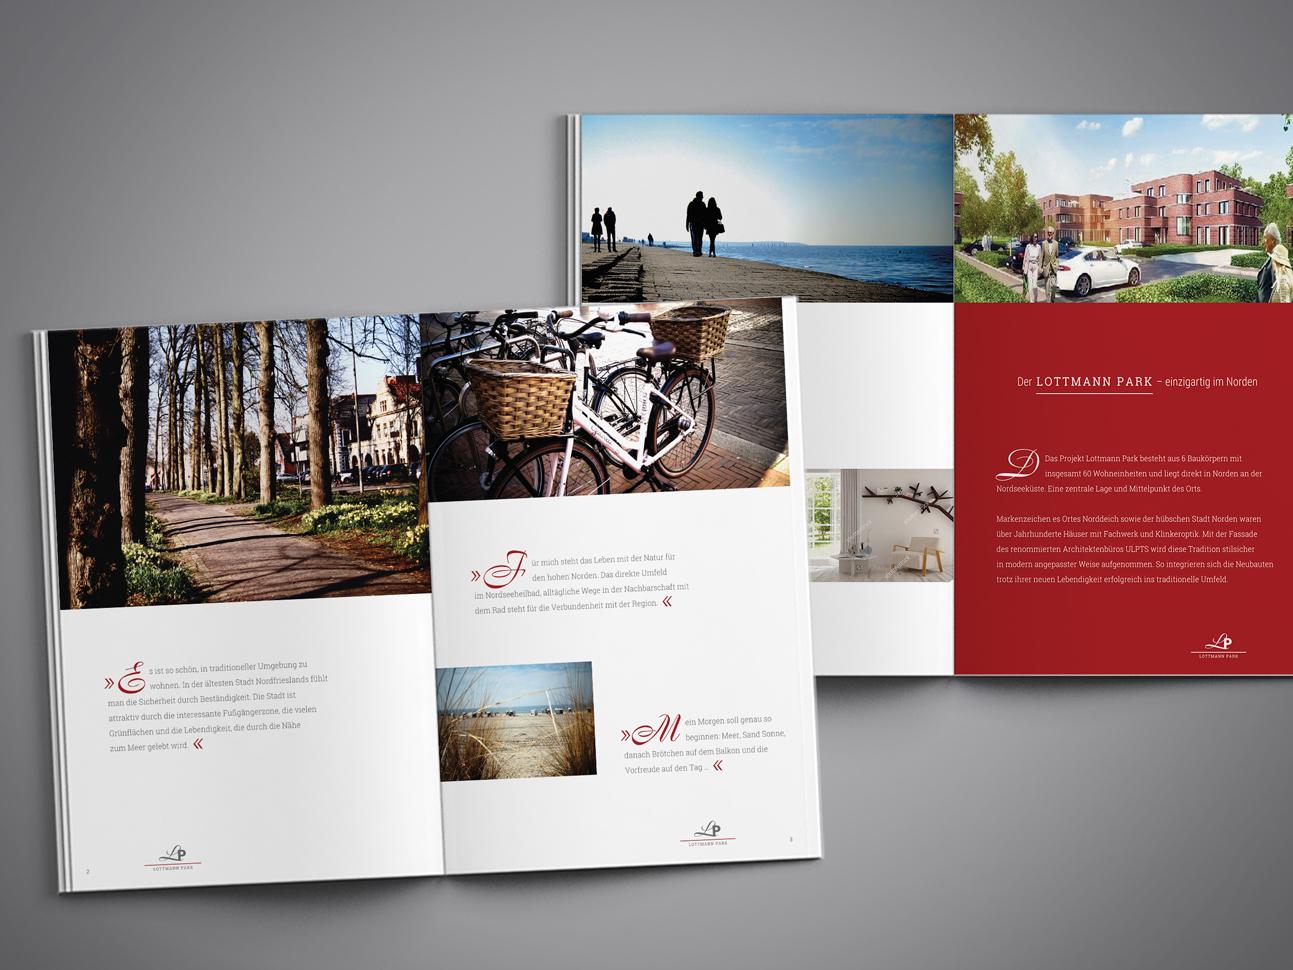 martin_zech_design_projekt_design_lottmann-park_verkaufsprospekt_doppelseiten_1